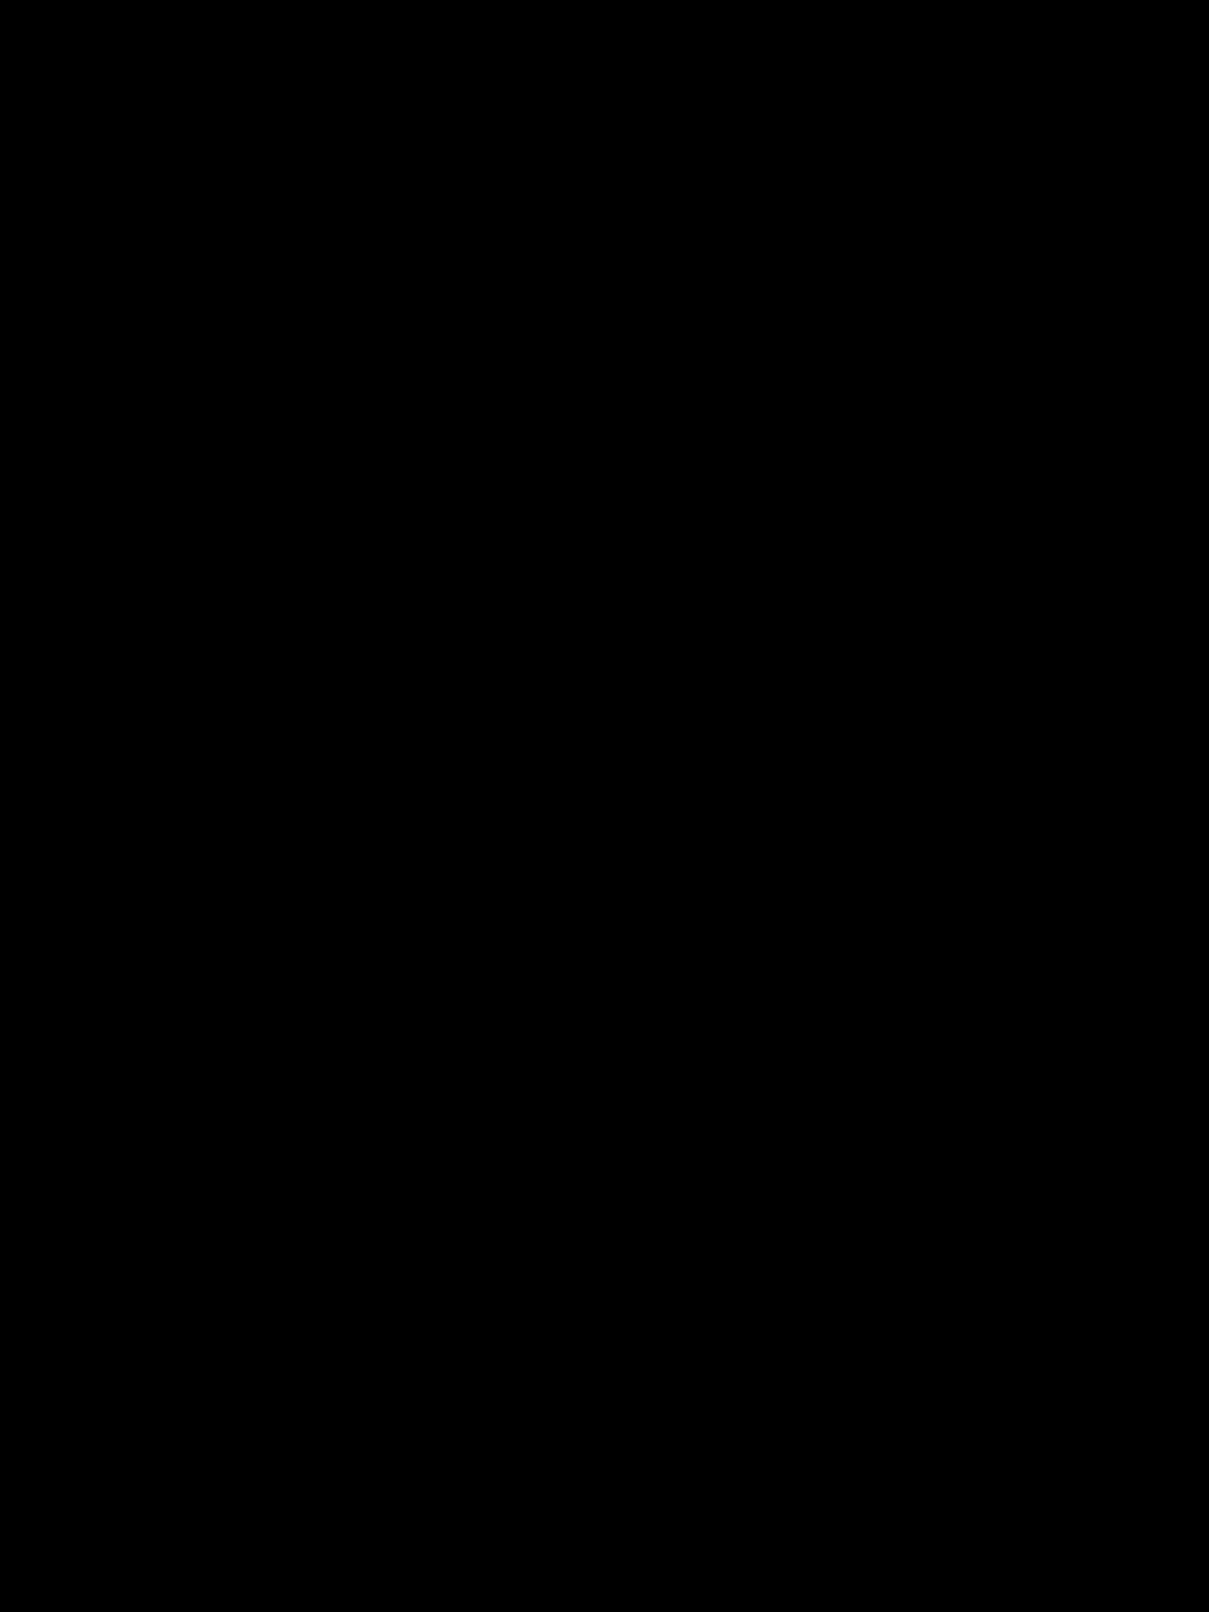 Linker voor portier Peugeot 107